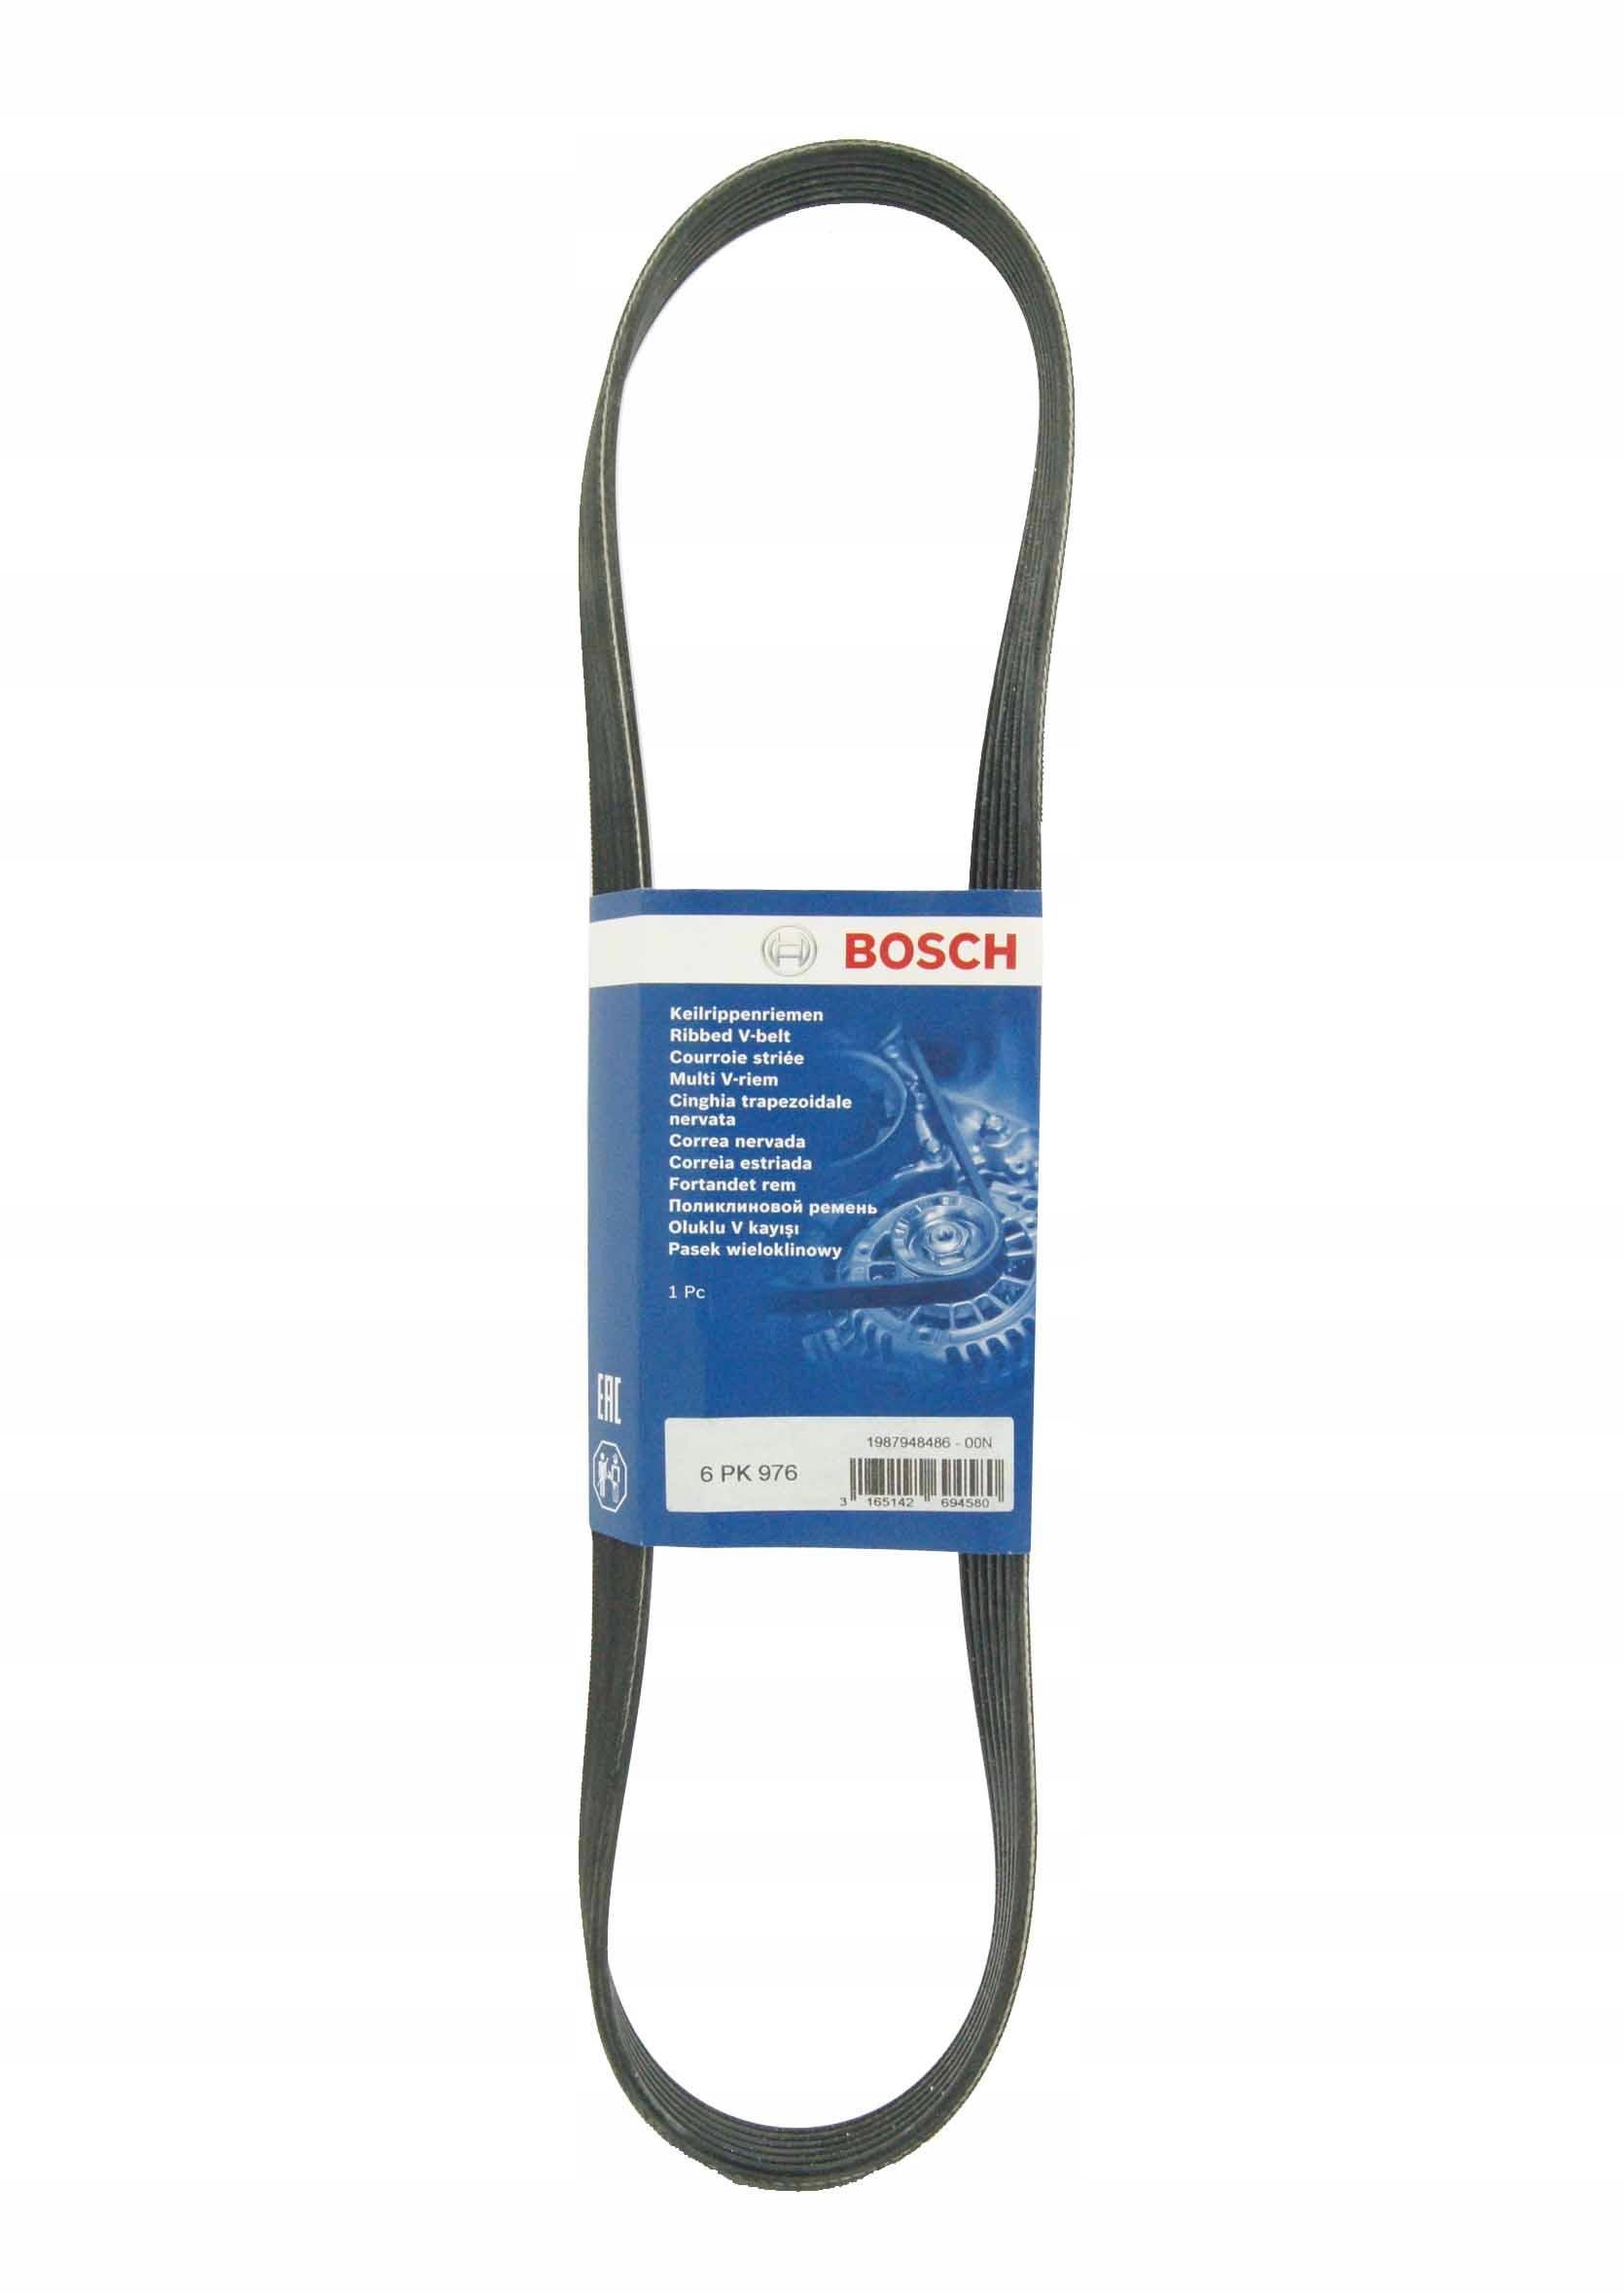 bosch панель клиновой ремень 6pk976